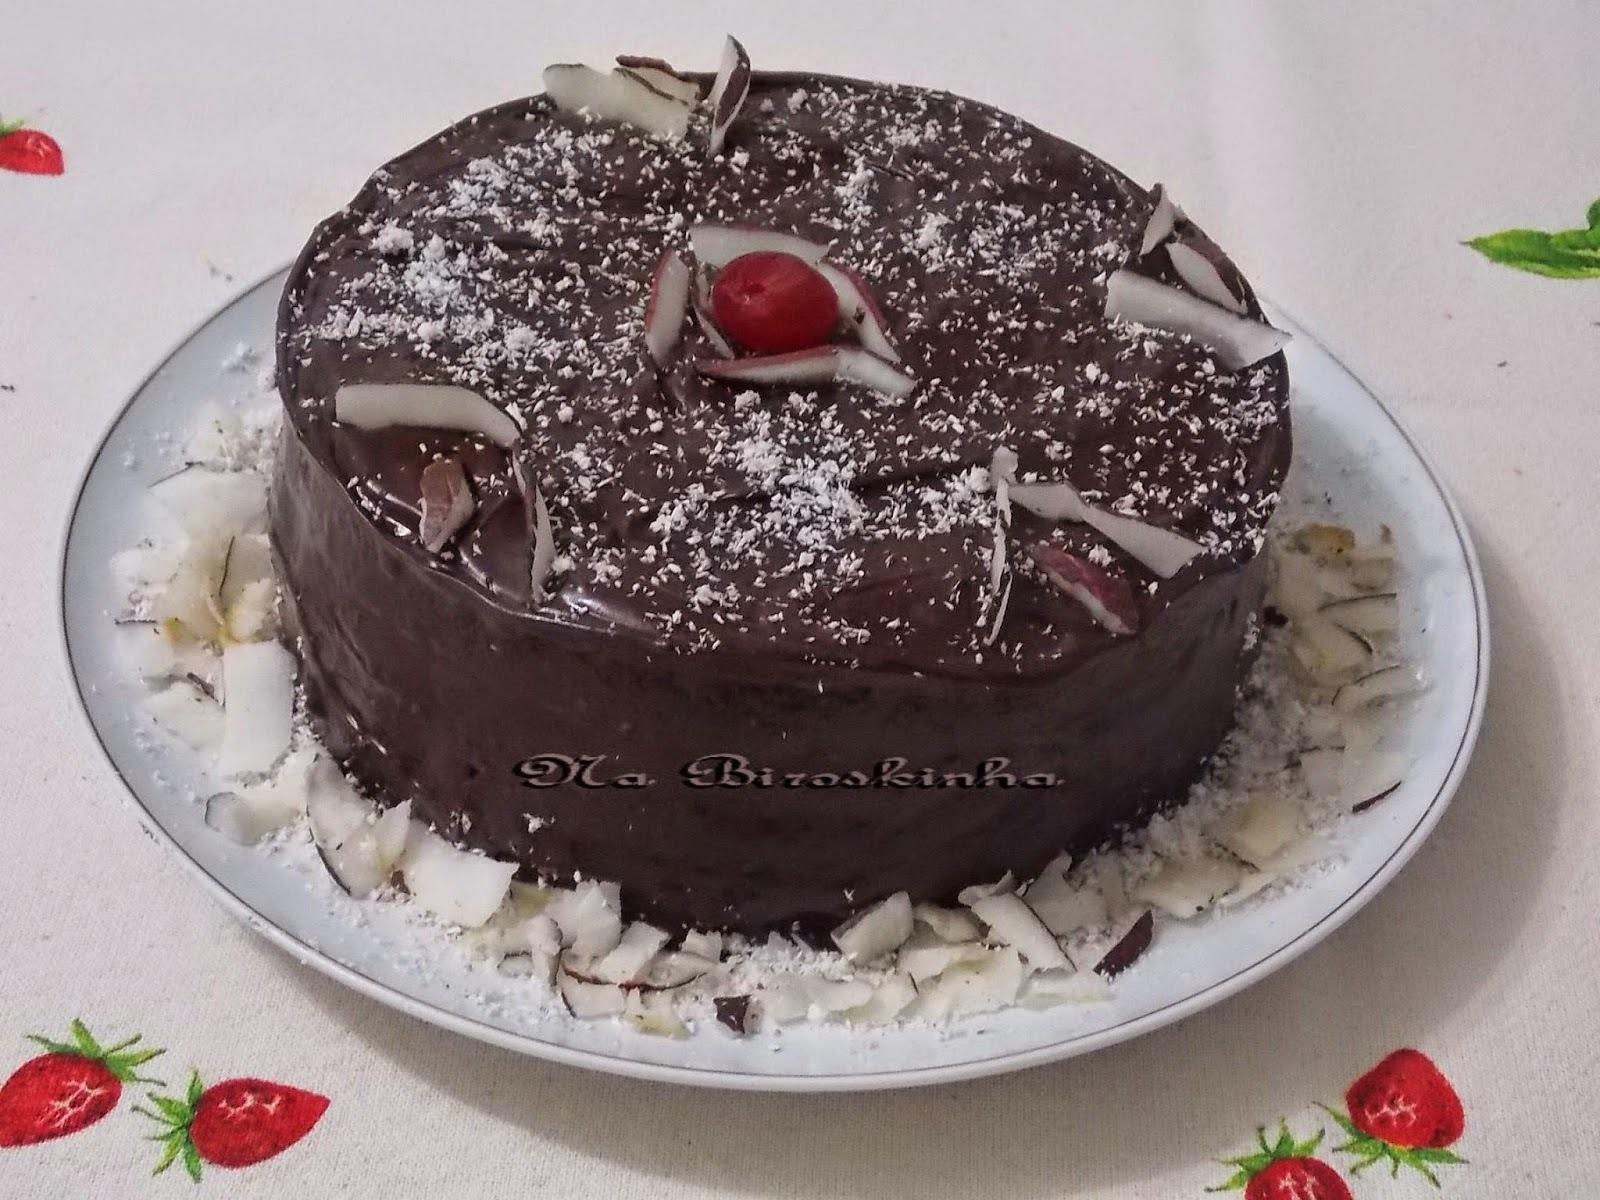 quem tem colesterol alto pode comer bolo